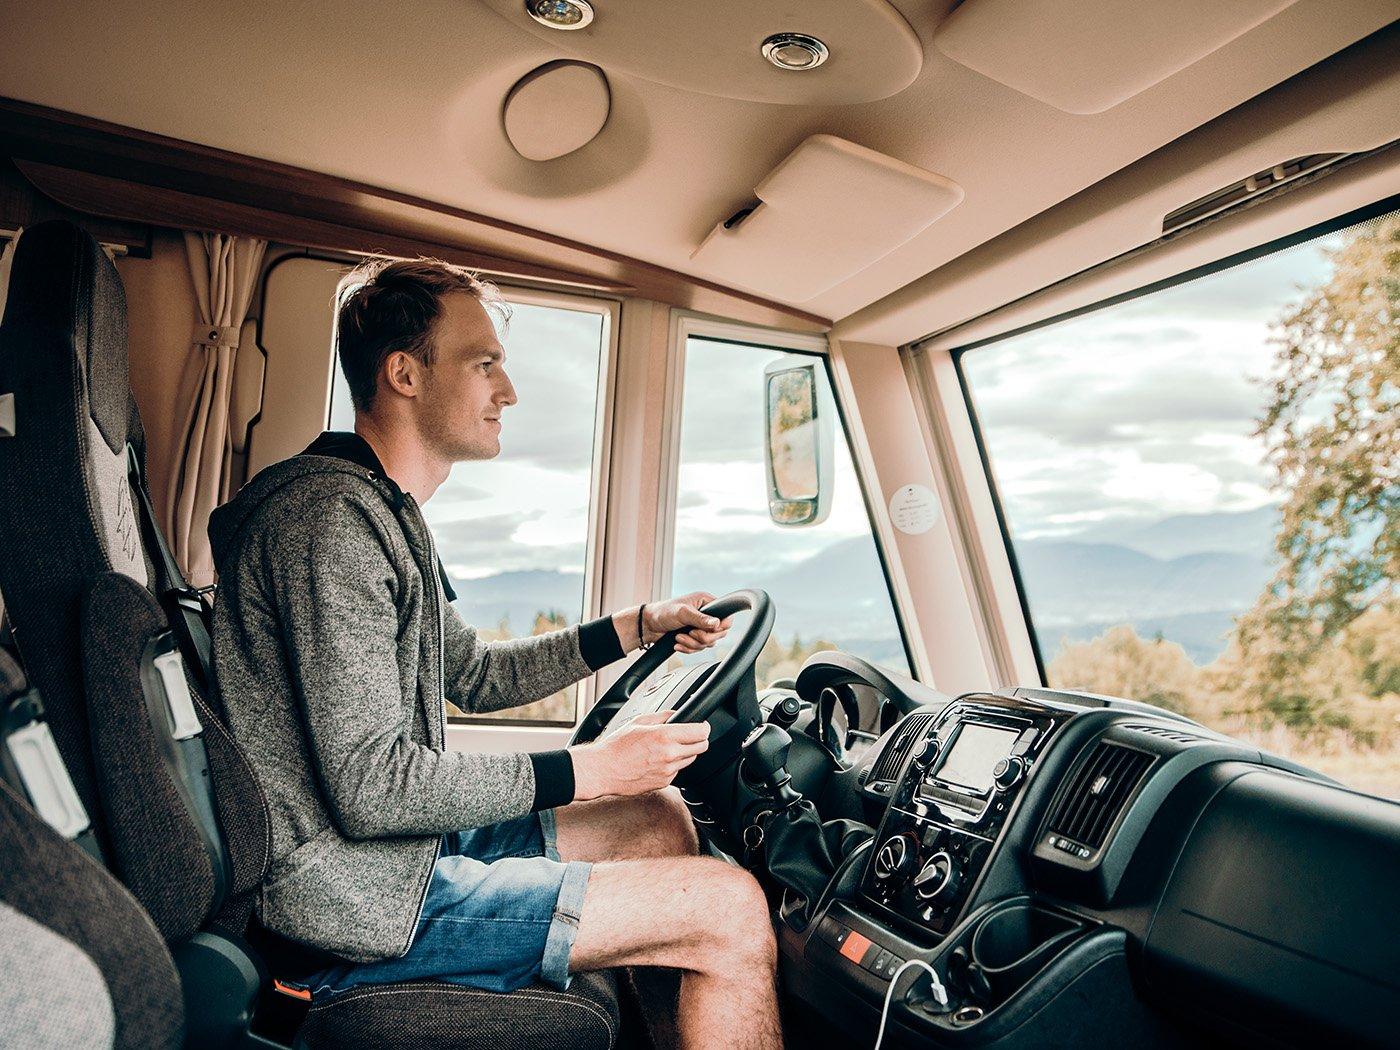 Wohnmobil-Führerschein: Welchen brauche ich, was ist zu beachten?